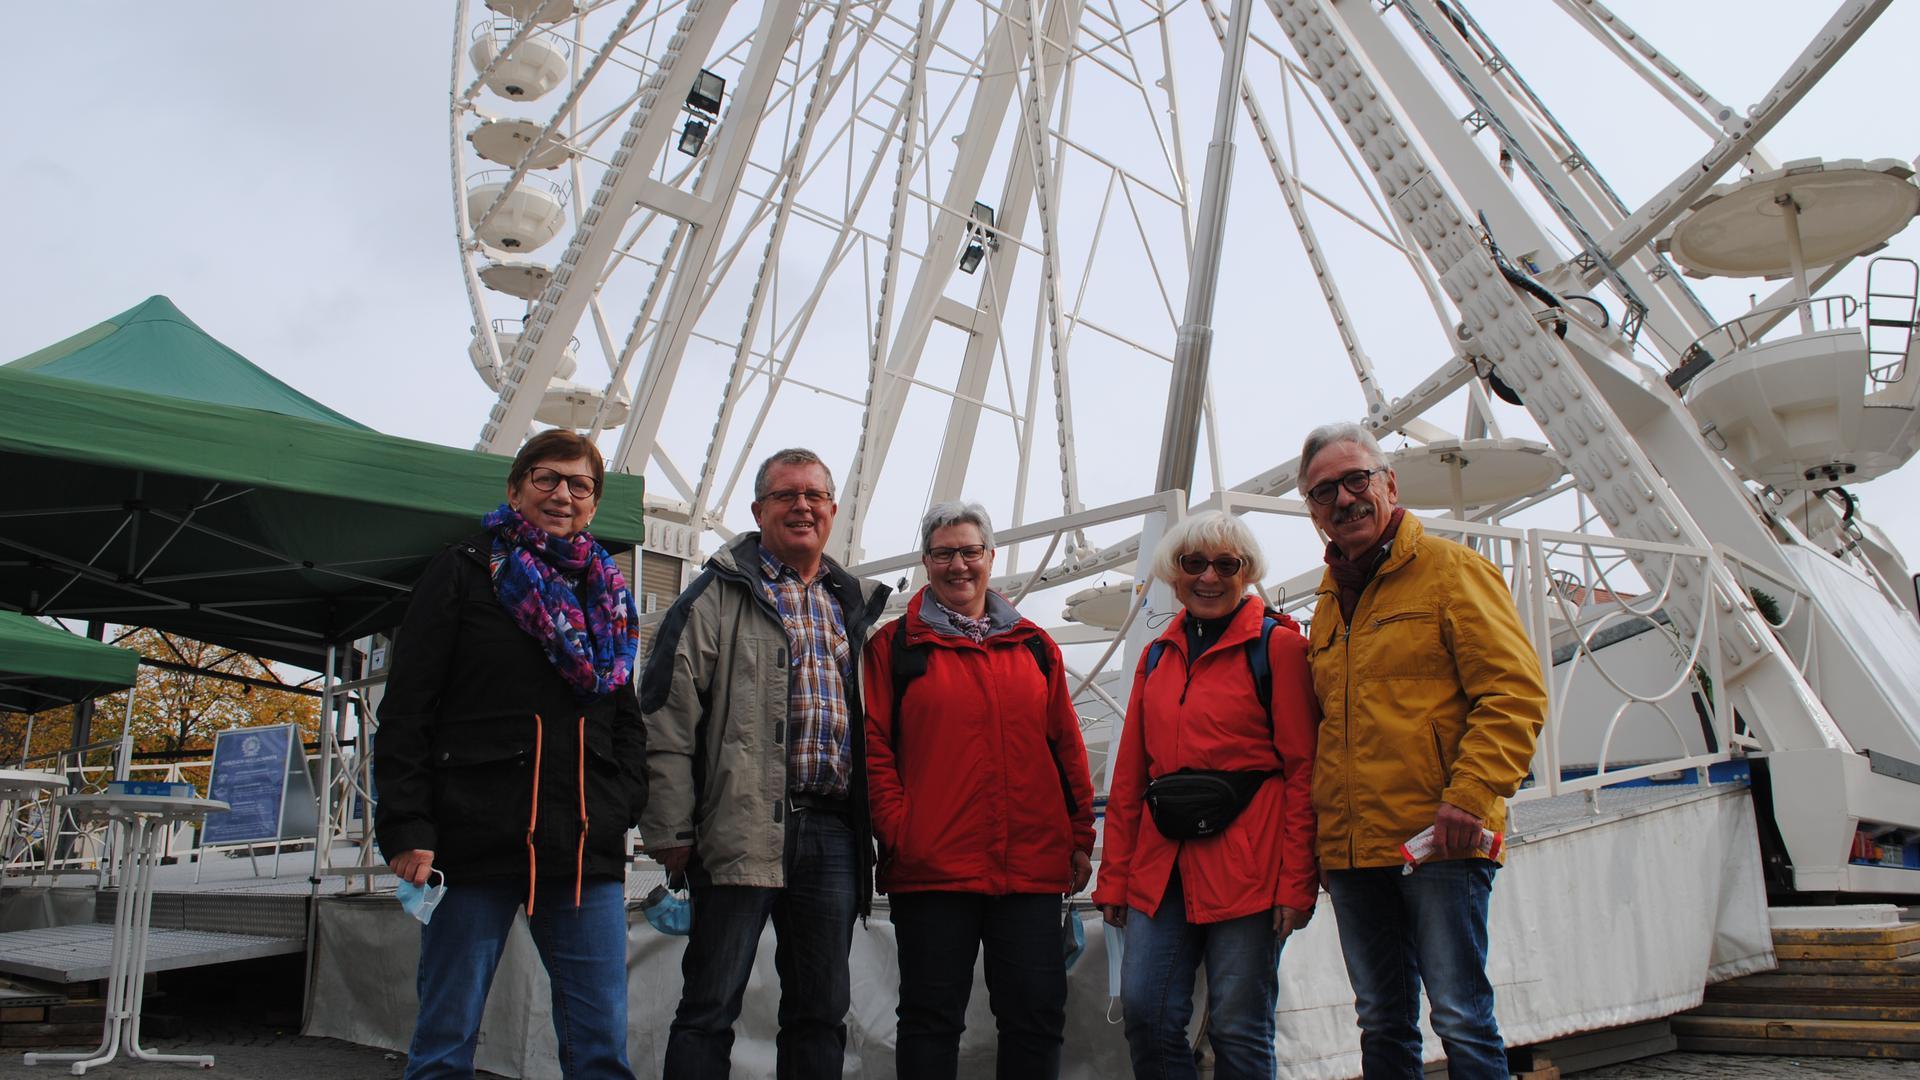 Eine Runde im Riesenrad nach der Wanderung: Silke Hiller (67), Bernd Milbich (63), Rosi Milbich (58), Erika Dürr (68) und Siegfried Dürr (70) fahren mit